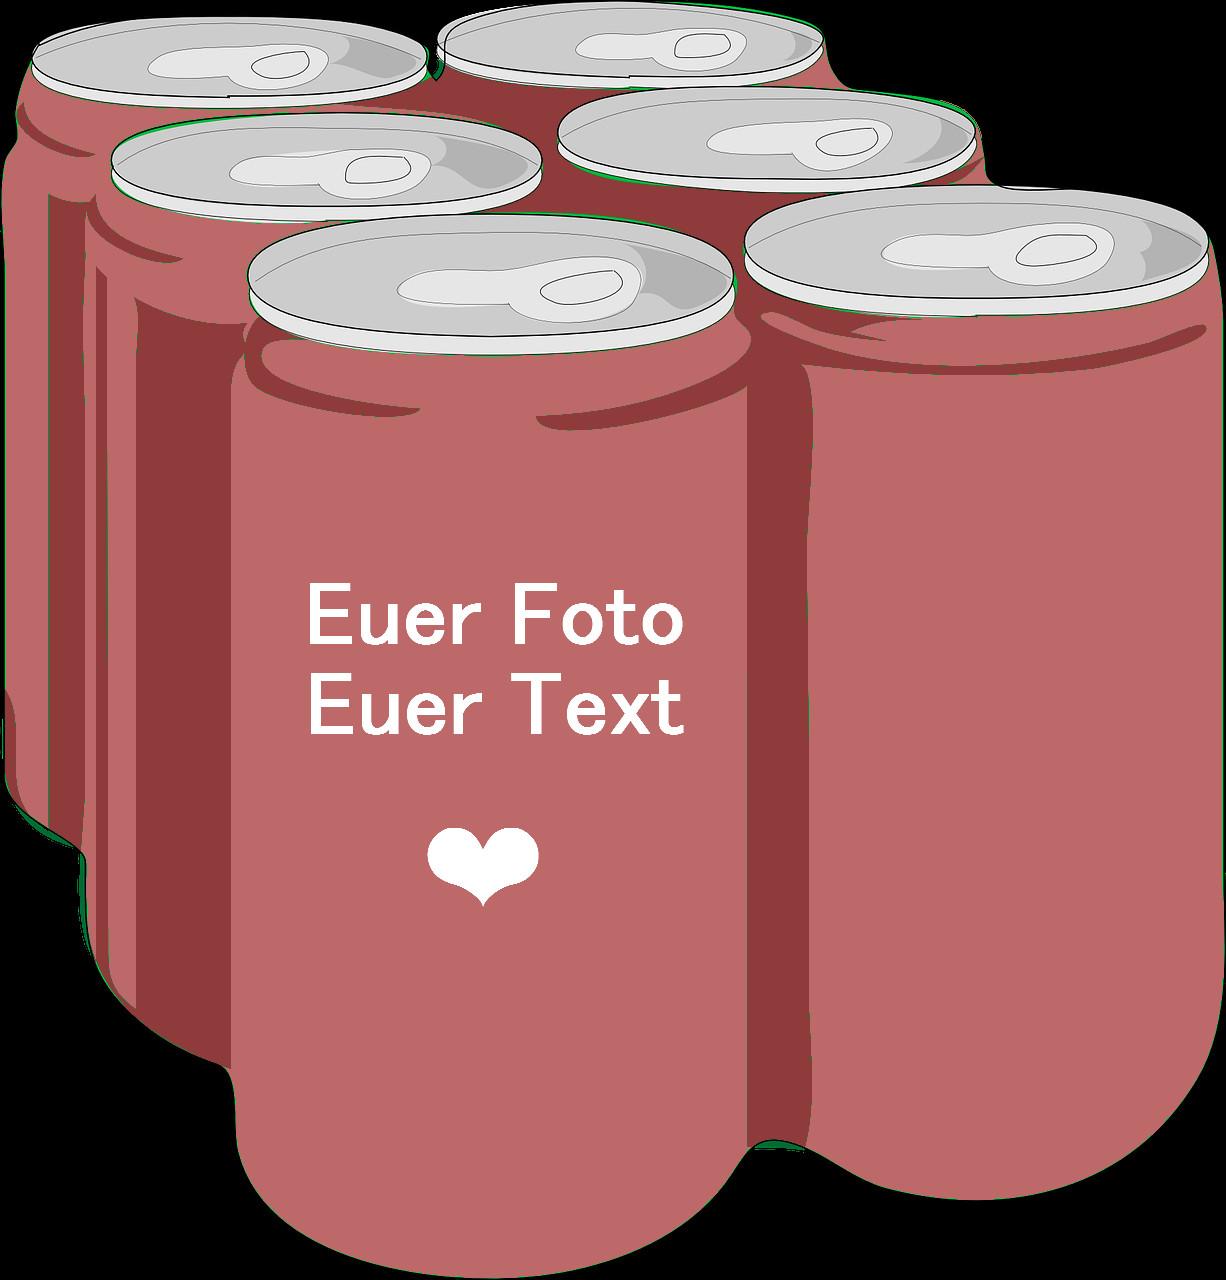 Geschenke Bedrucken  Getränkedosen bedrucken mit eigenen Fotos und eigenem Text